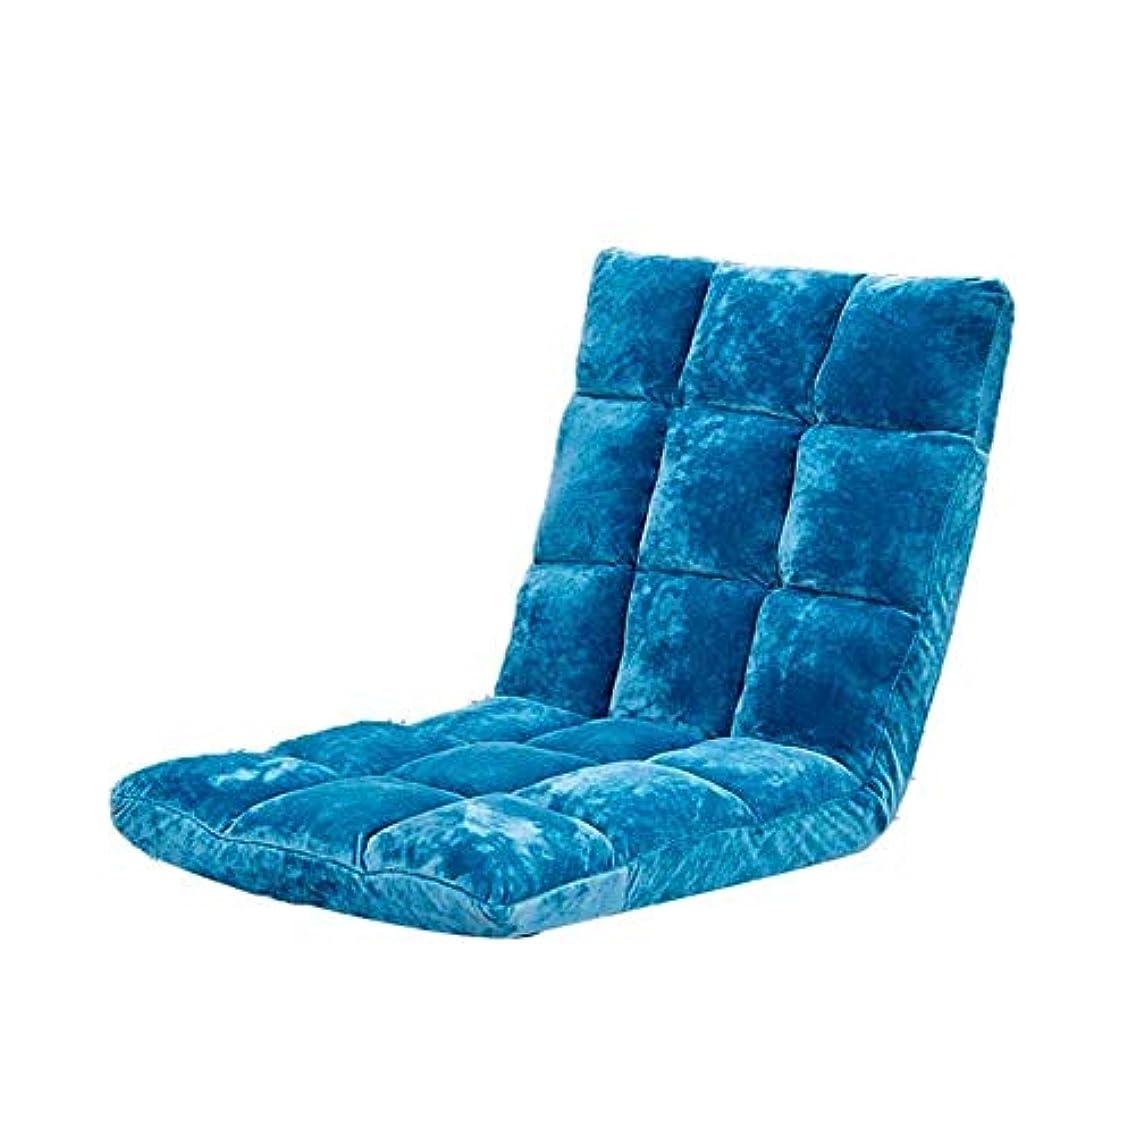 ロッカー迫害無駄な瞑想チェア、シングルレイジーソファ、折りたたみ式バルコニーフロアチェア、畳コンピューターチェア、ベイウィンドウチェア (Color : 青)